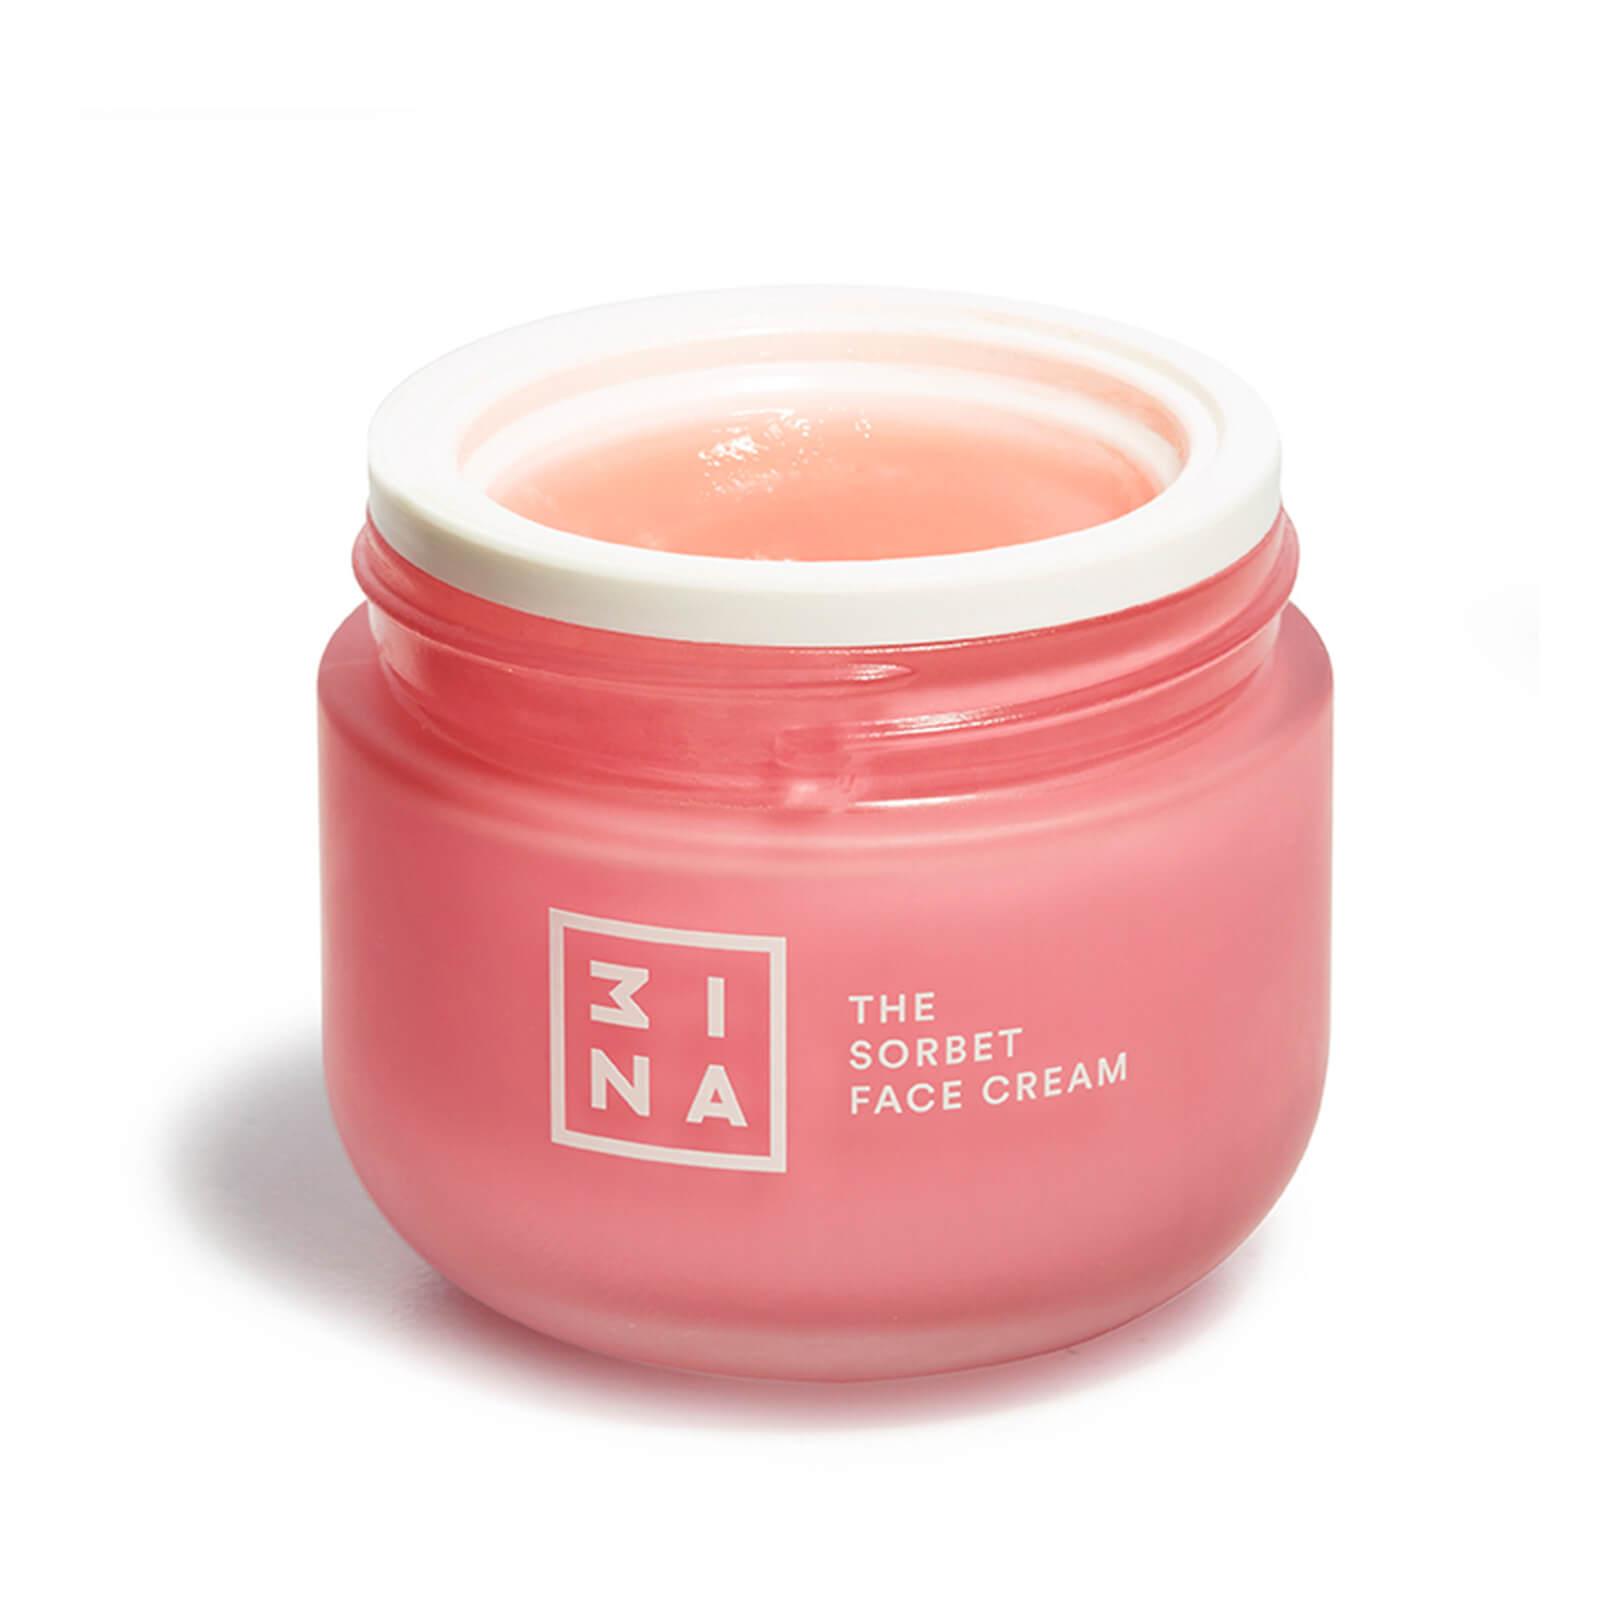 3INA Makeup The Sorbet Face Cream 50ml